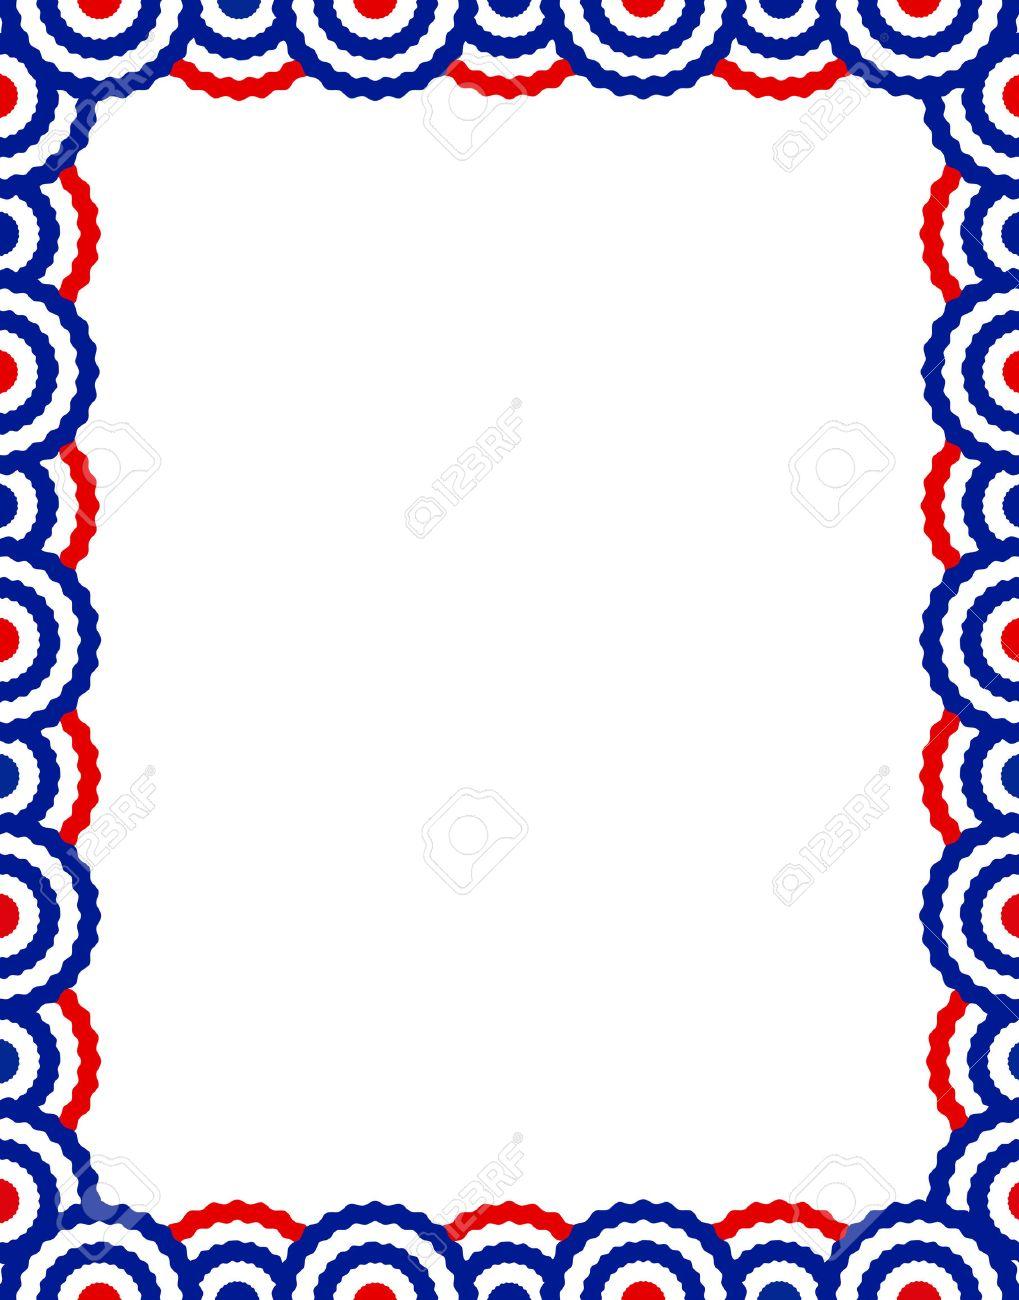 Azul Y EE.UU. Escribanos Patrióticos Colección Diseño De Páginas ...